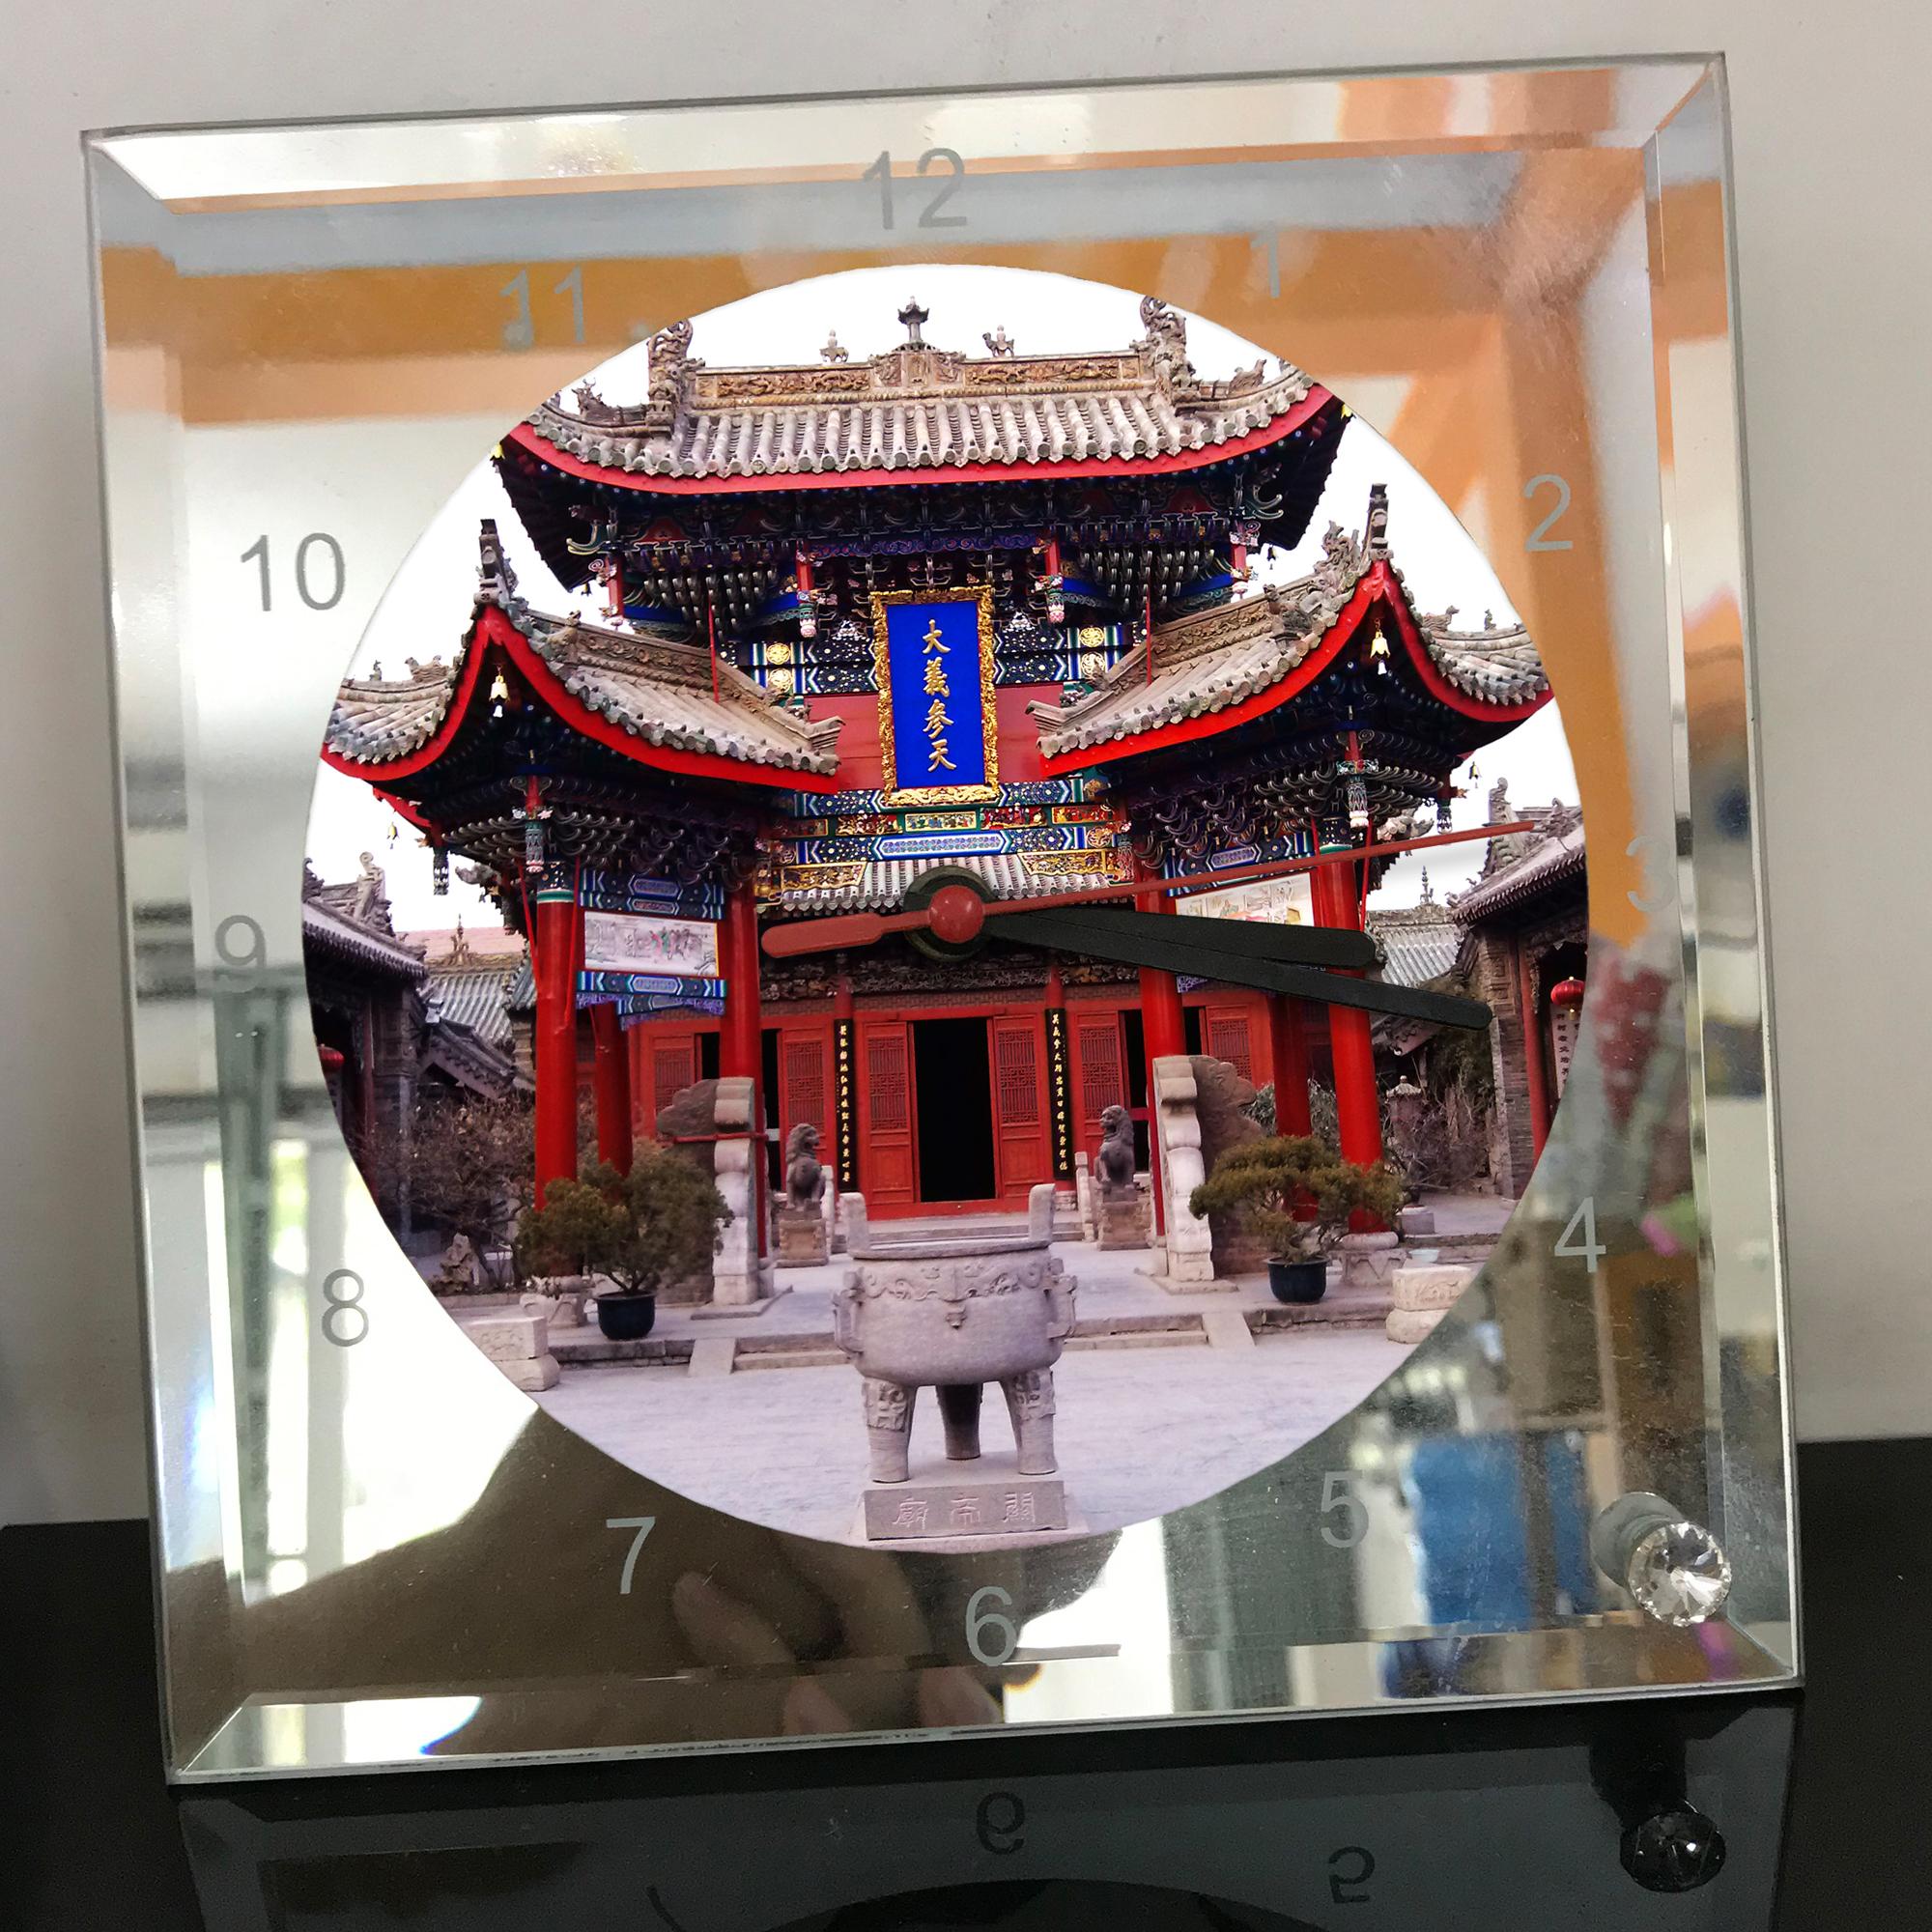 Đồng hồ thủy tinh vuông 20x20 in hình Temple - đền thờ (53) . Đồng hồ thủy tinh để bàn trang trí đẹp chủ đề tôn giáo